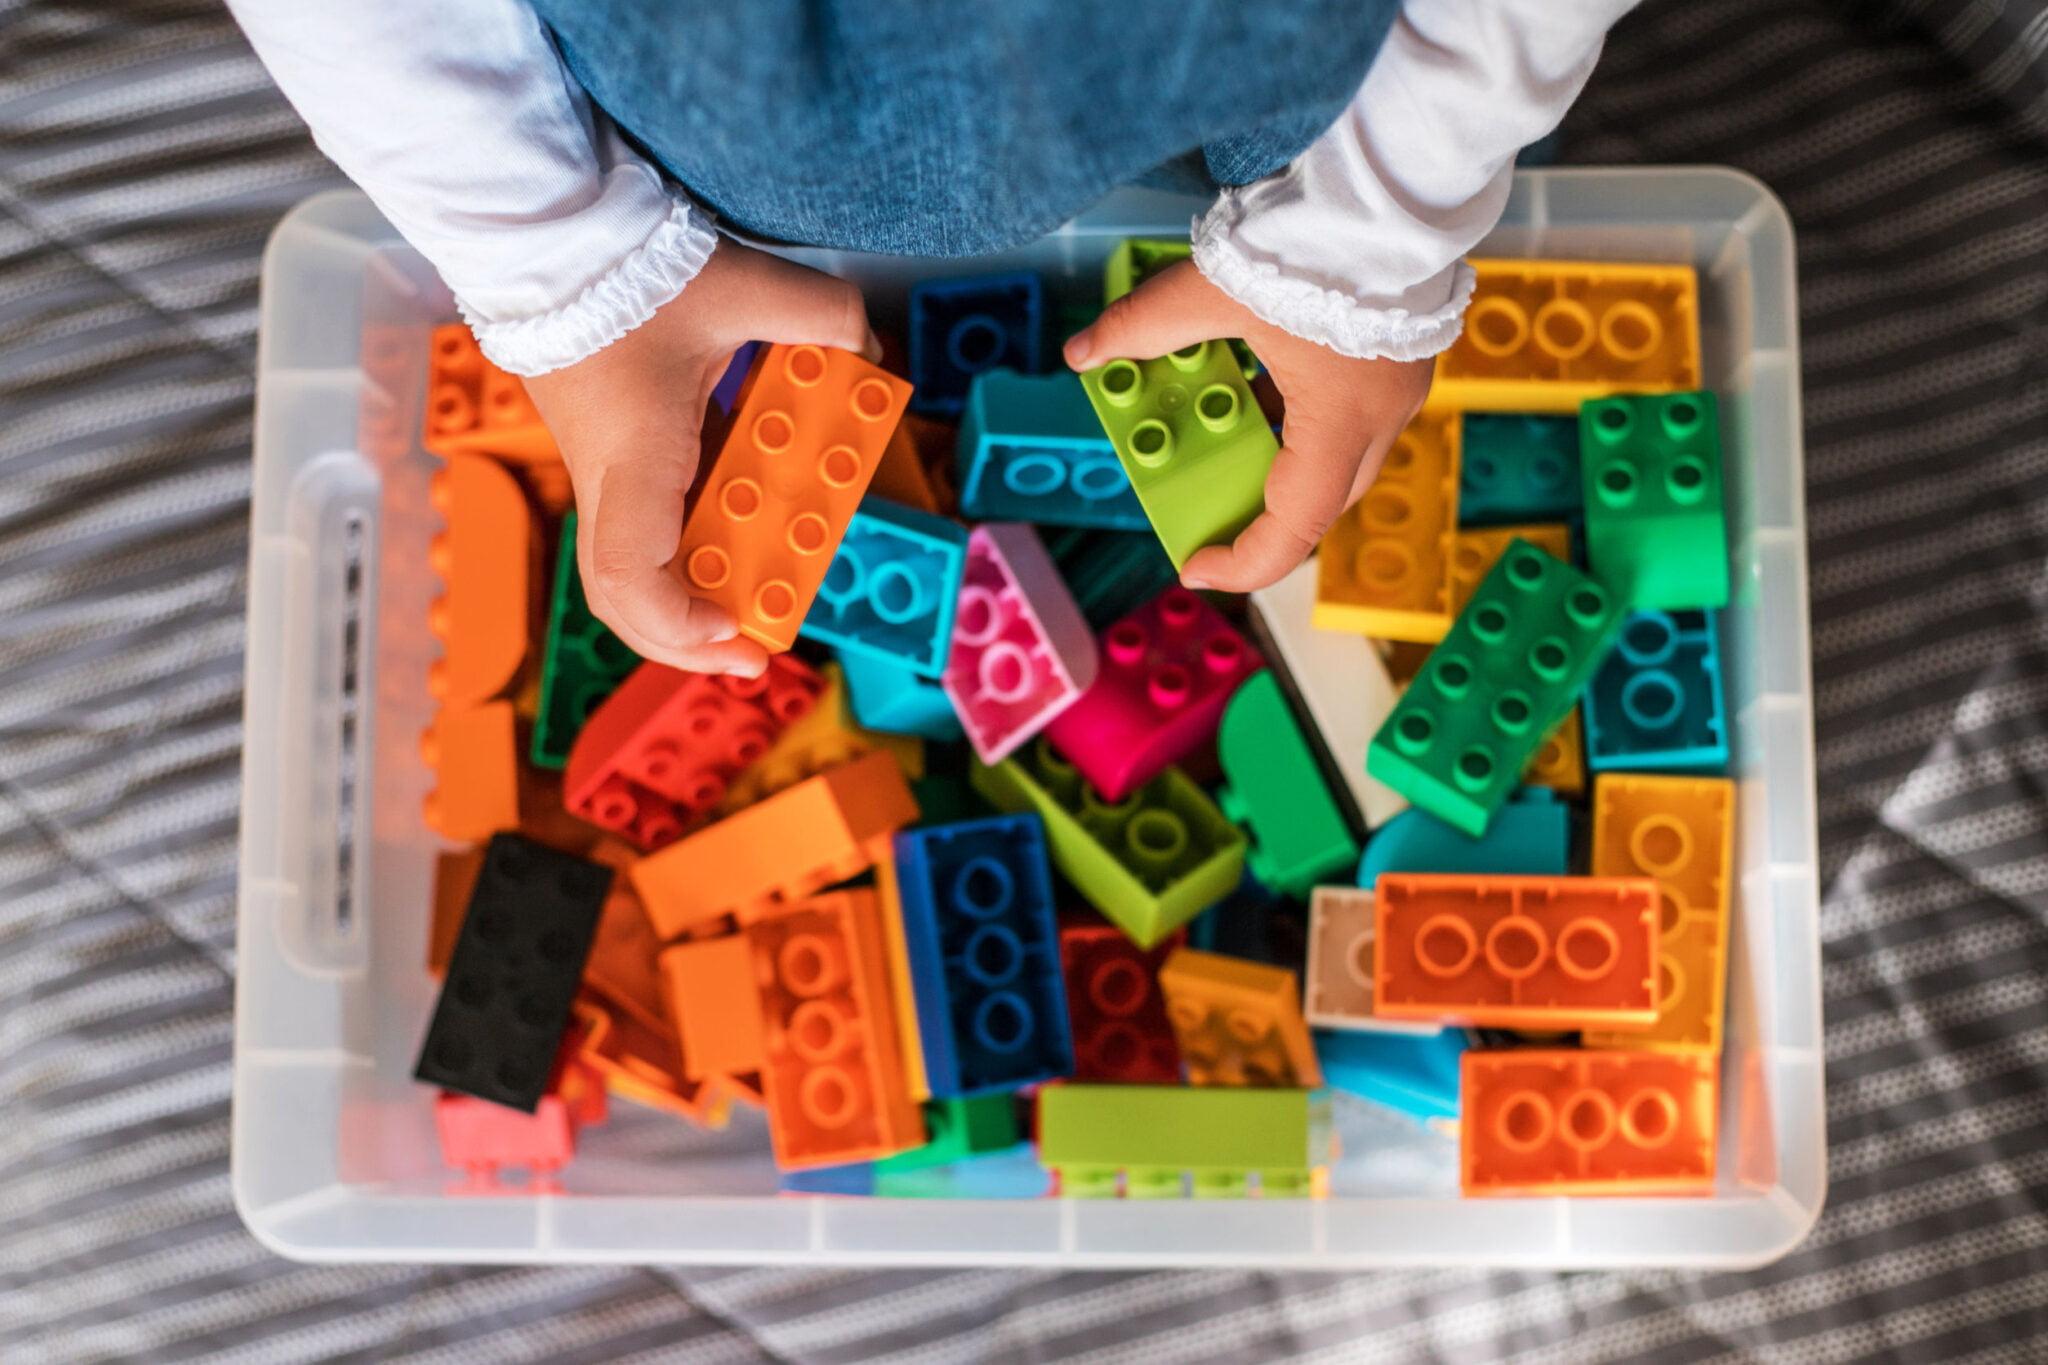 Speelgoed schoonmaken tips; van lego tot in de vaatwasser - Mamaliefde.nl